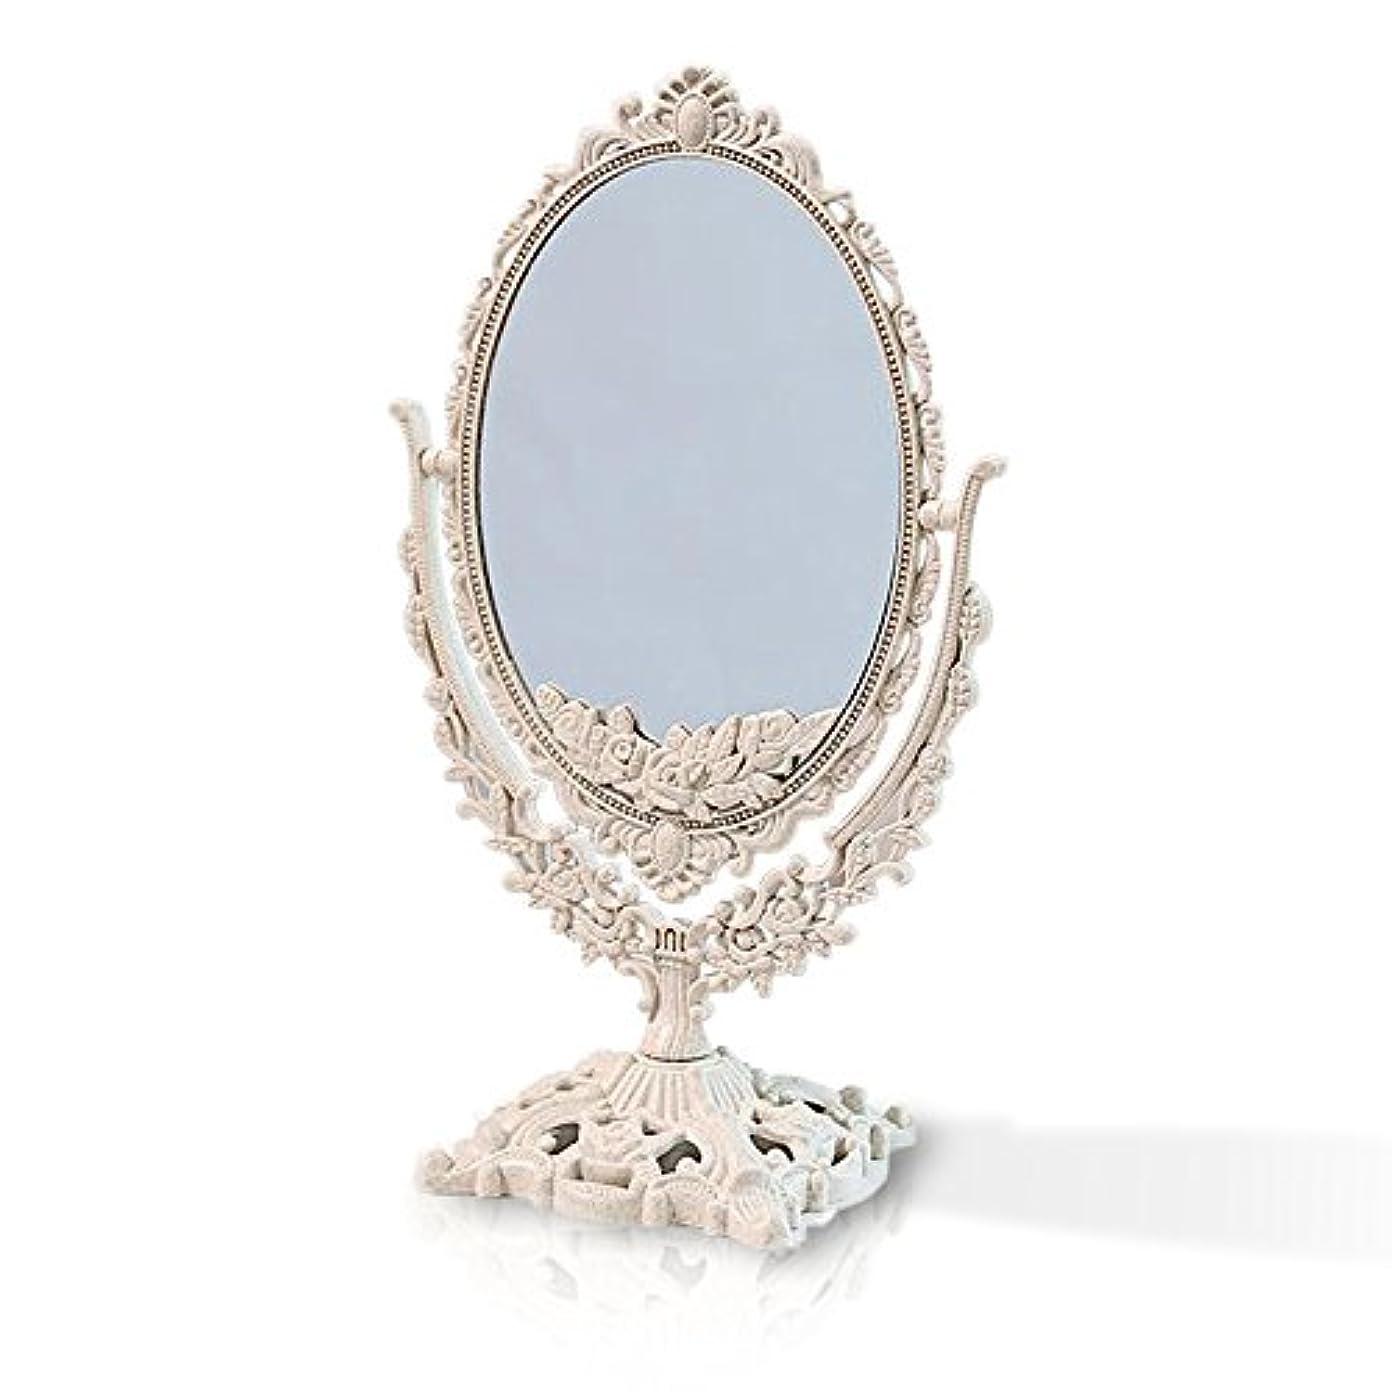 桜の雪 【3倍拡大鏡付き】 両面化粧鏡  ヨーロッパ式 (小さい型)